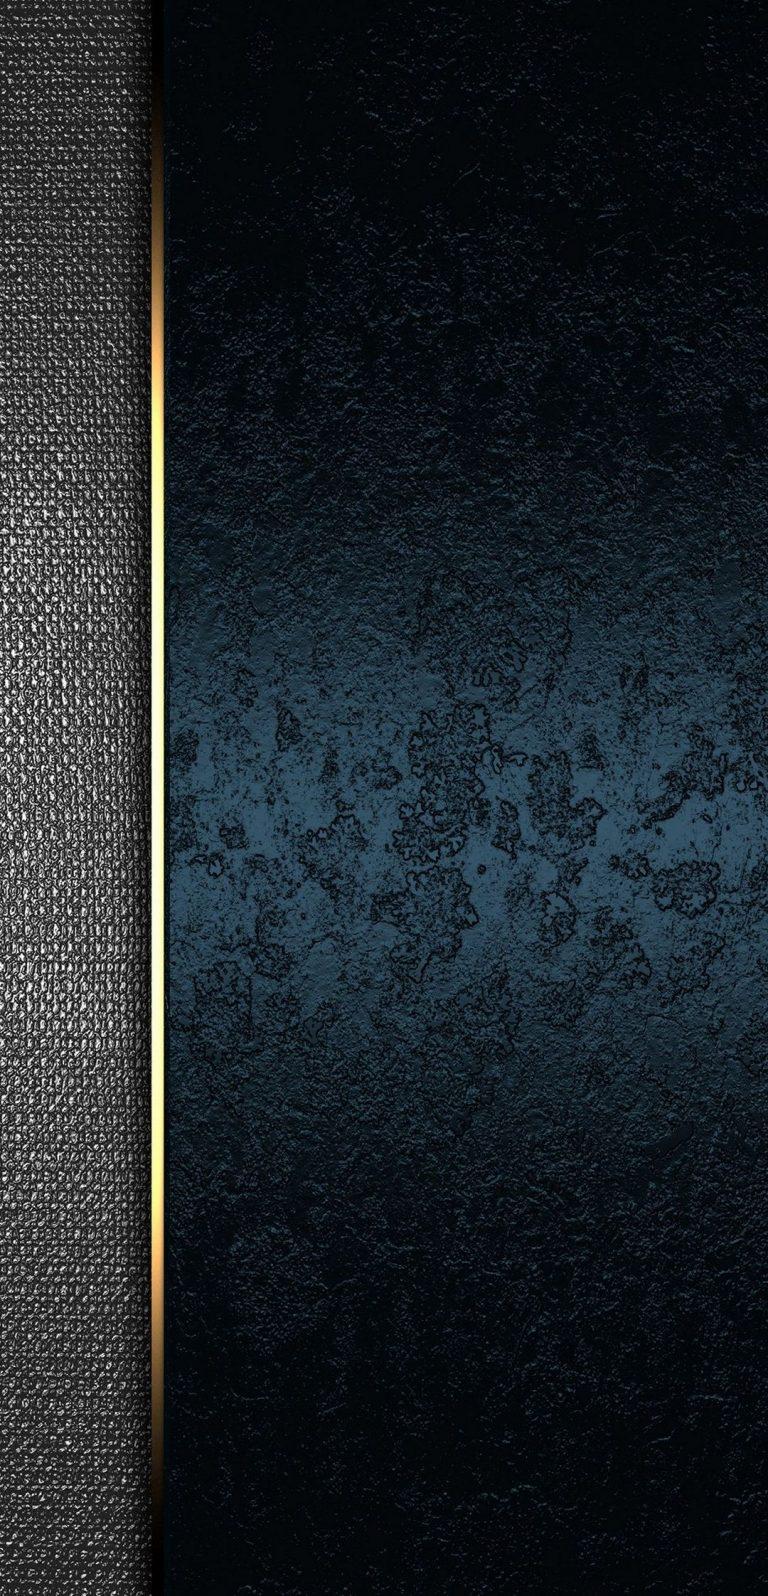 1080x2244 Wallpaper 121 768x1596